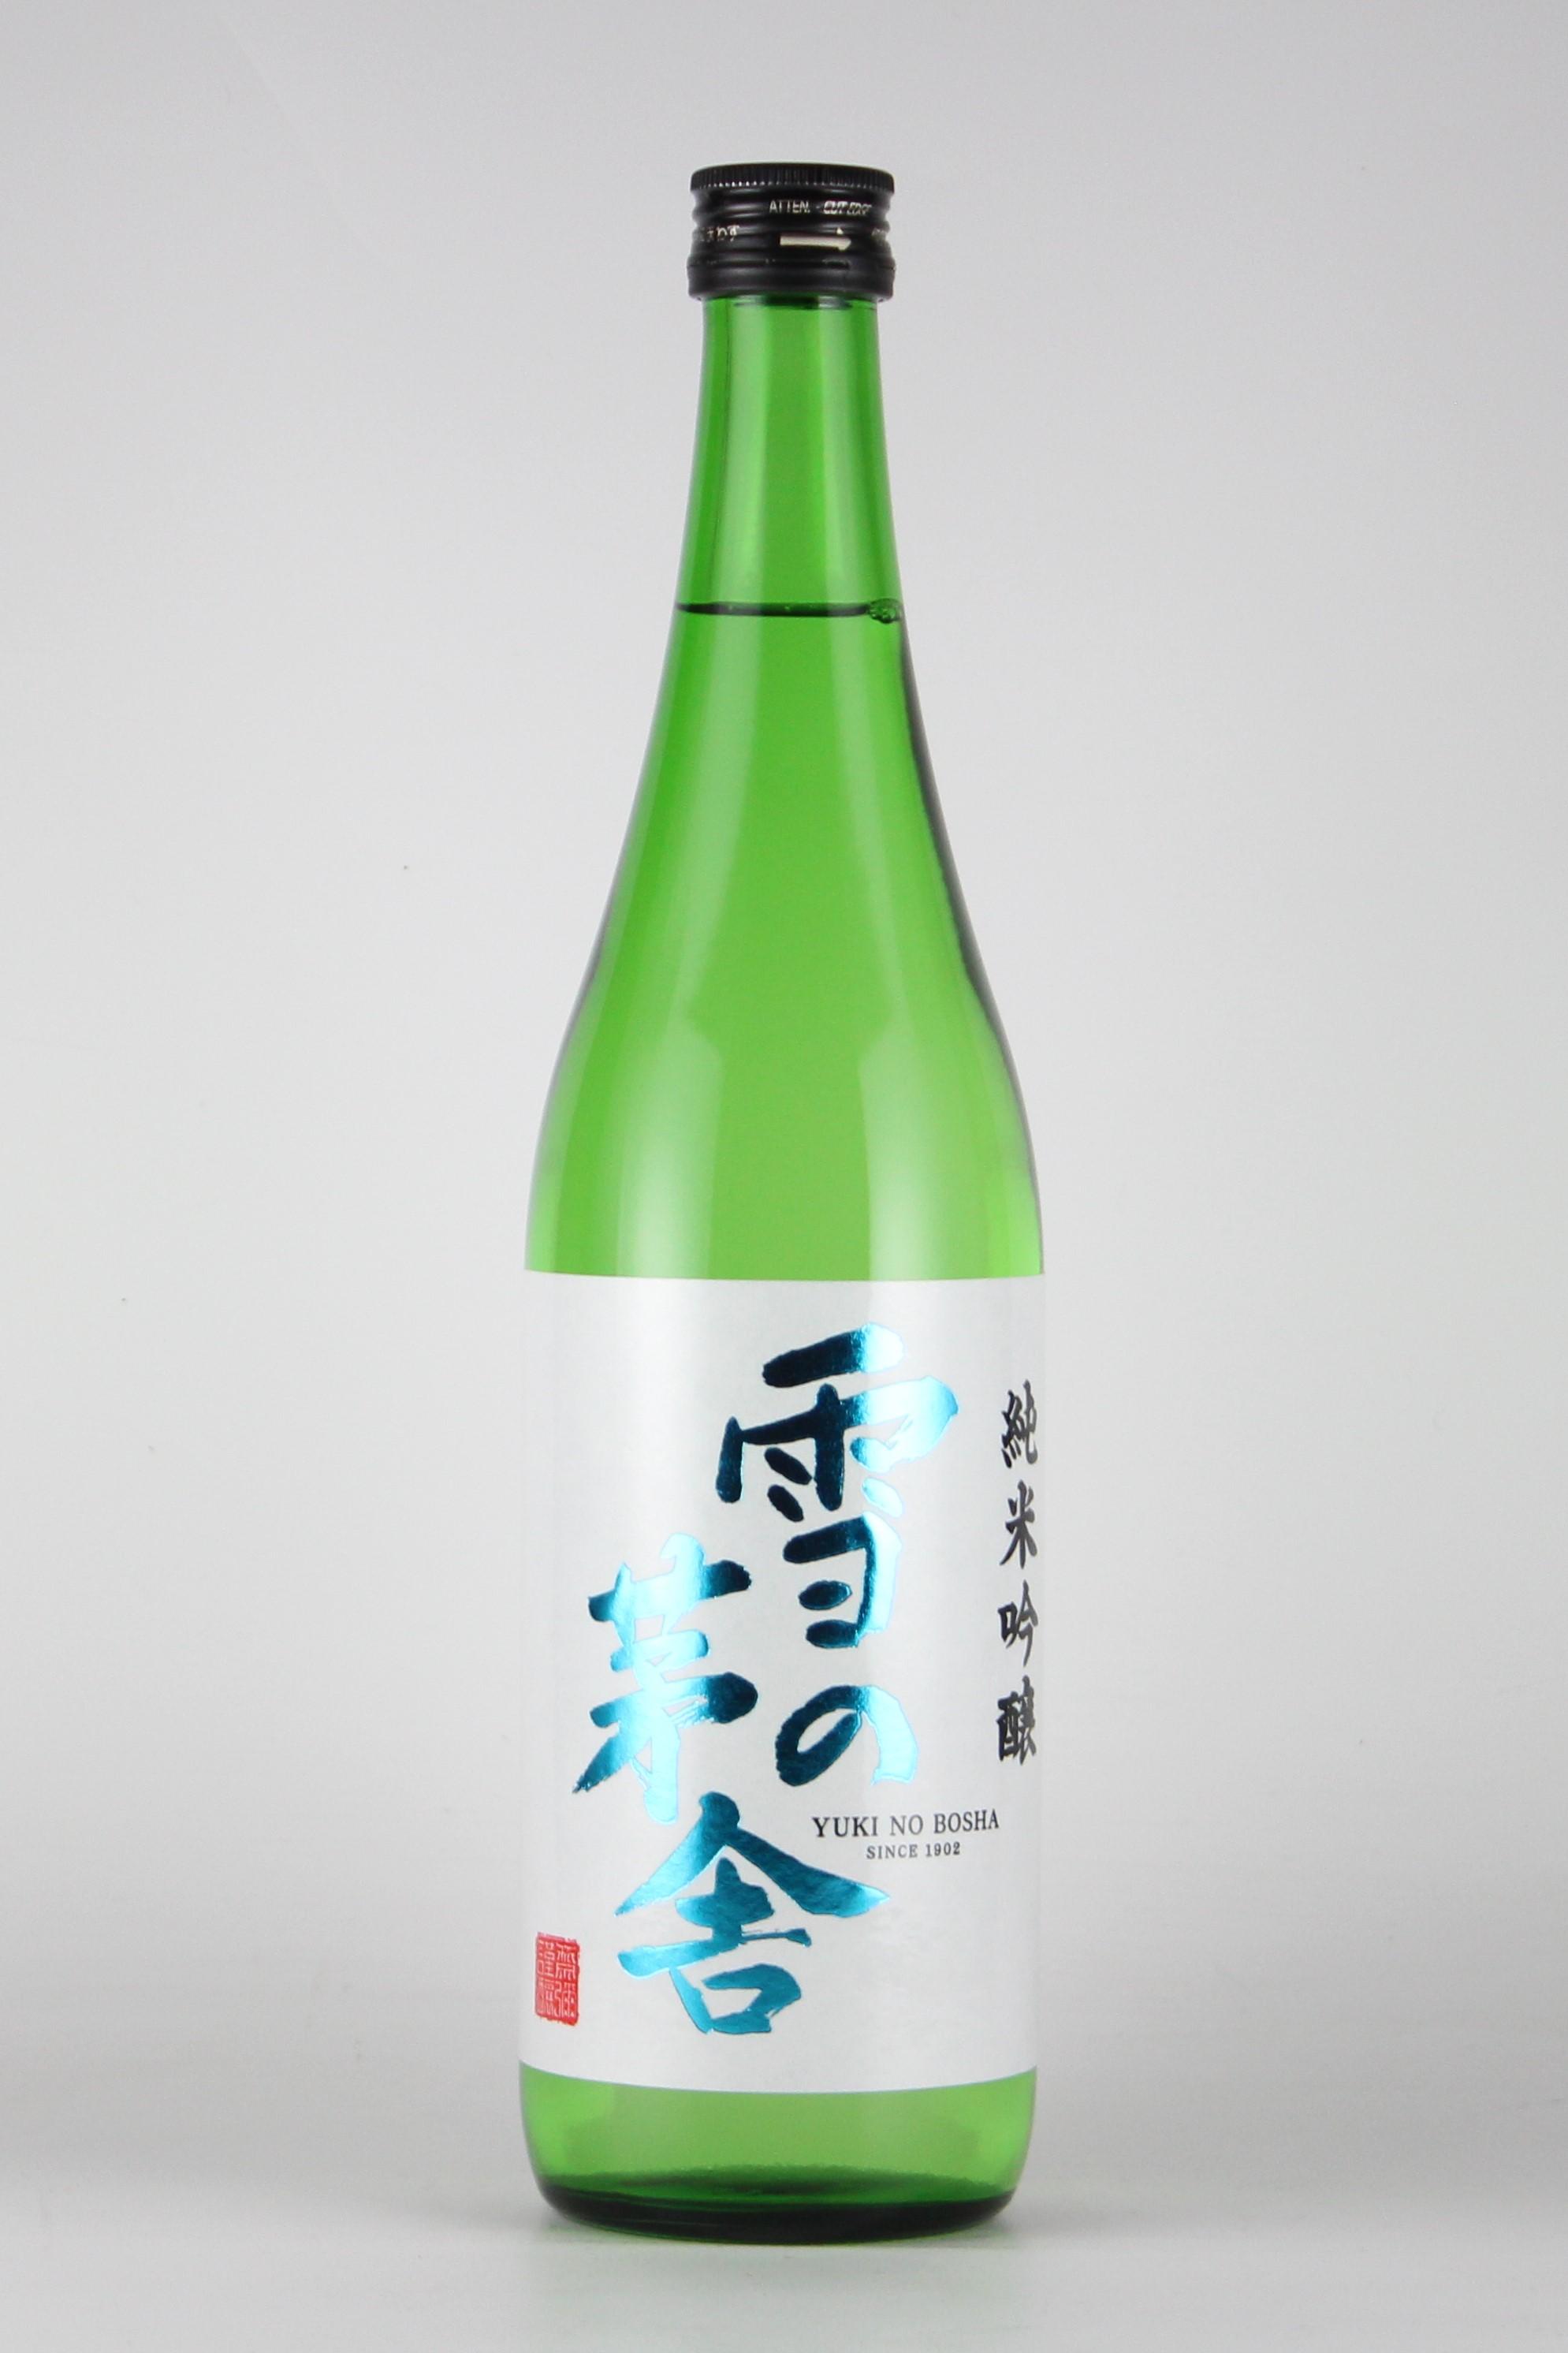 雪の茅舎 純米吟醸 720ml 【秋田/齋彌酒造店】